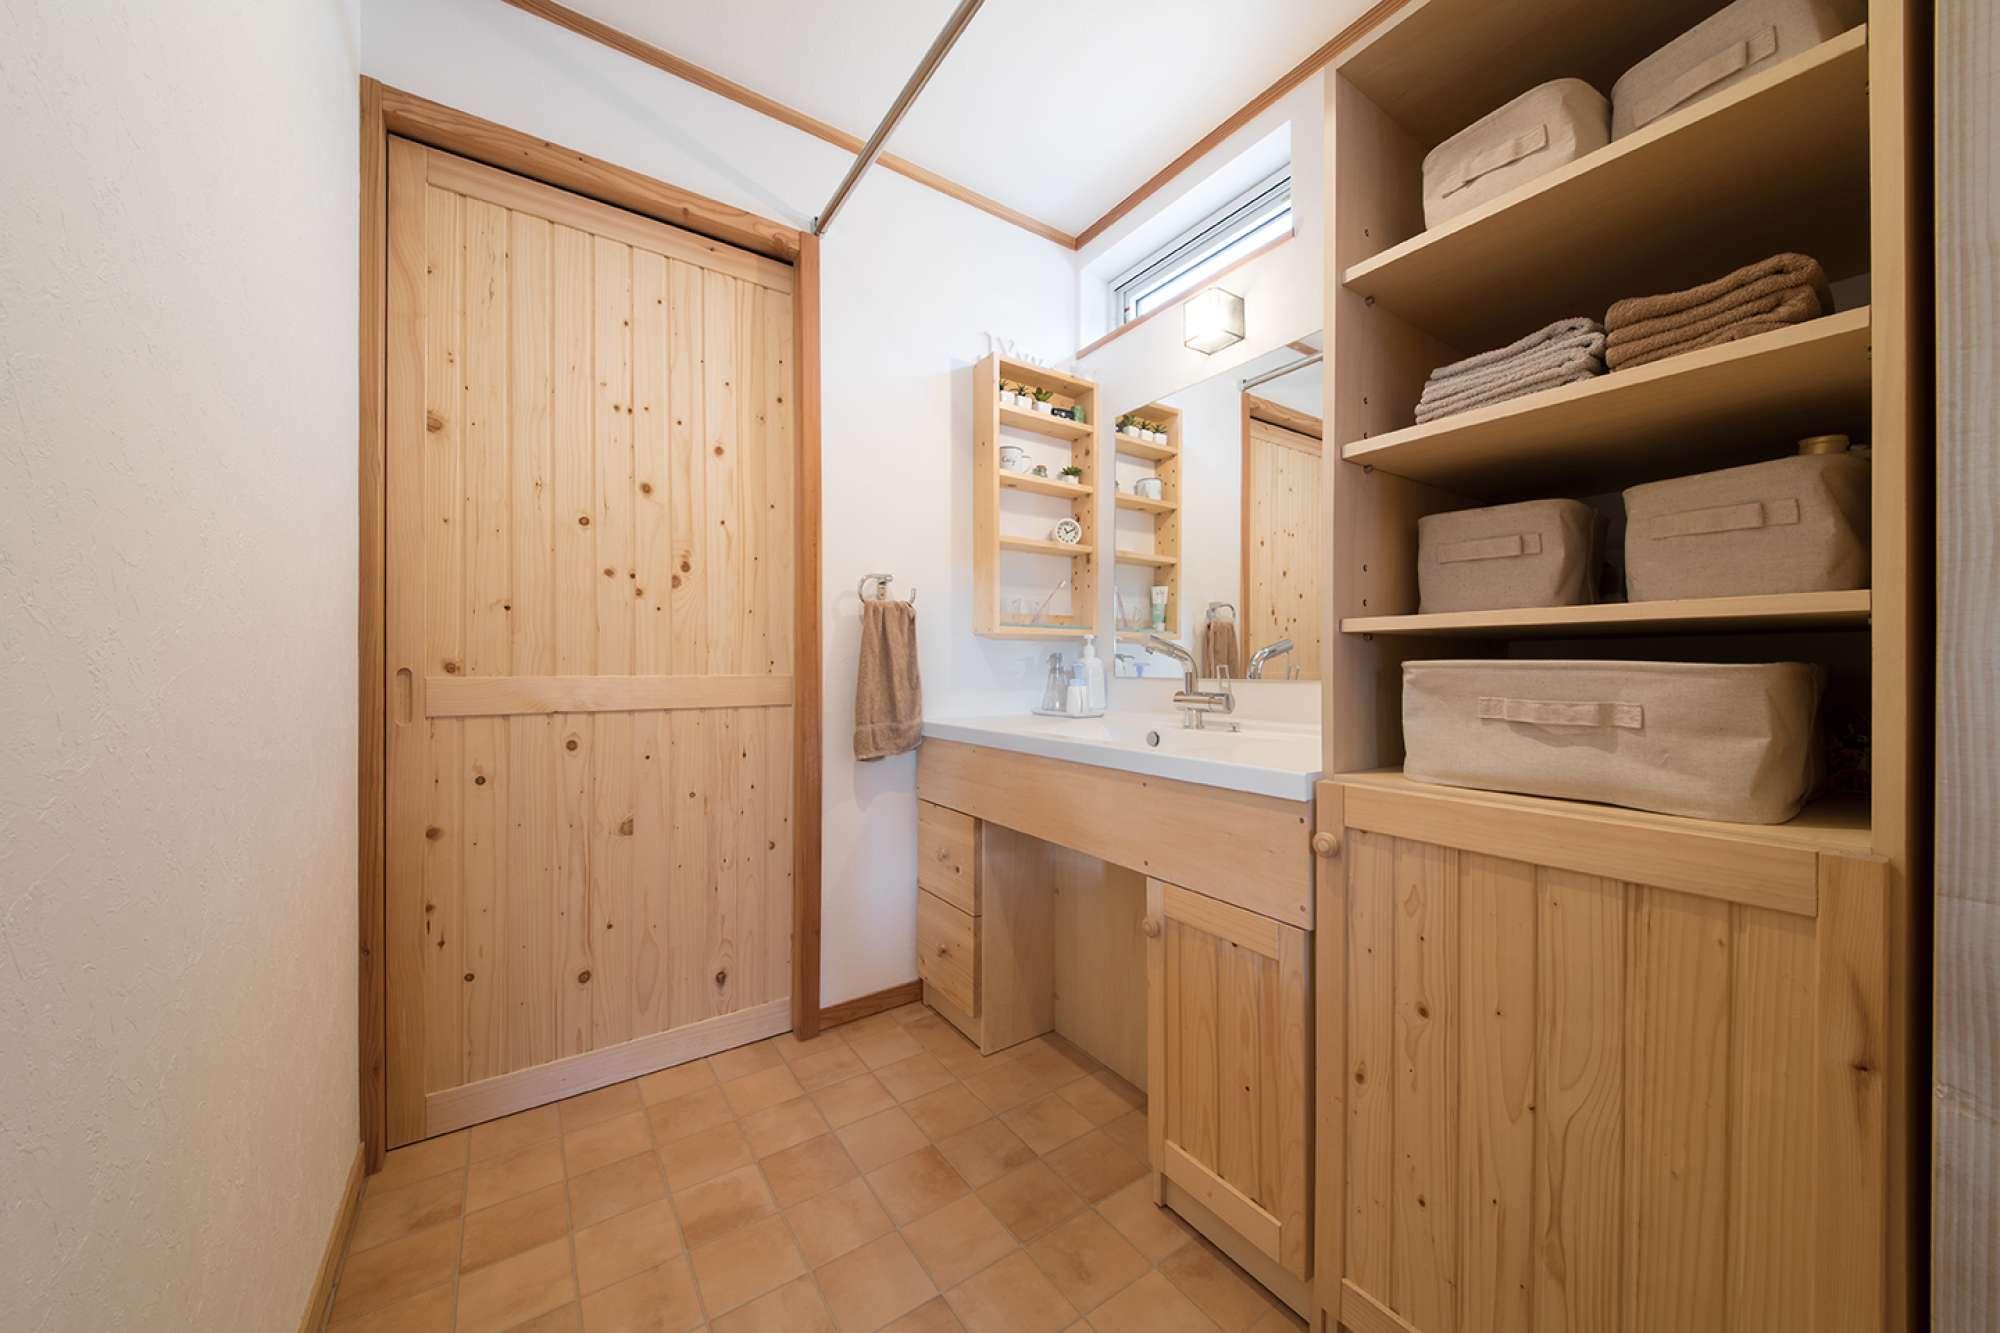 木質感あふれる洗面室。建具、洗面化粧台、リネン棚を造作 -  -  -